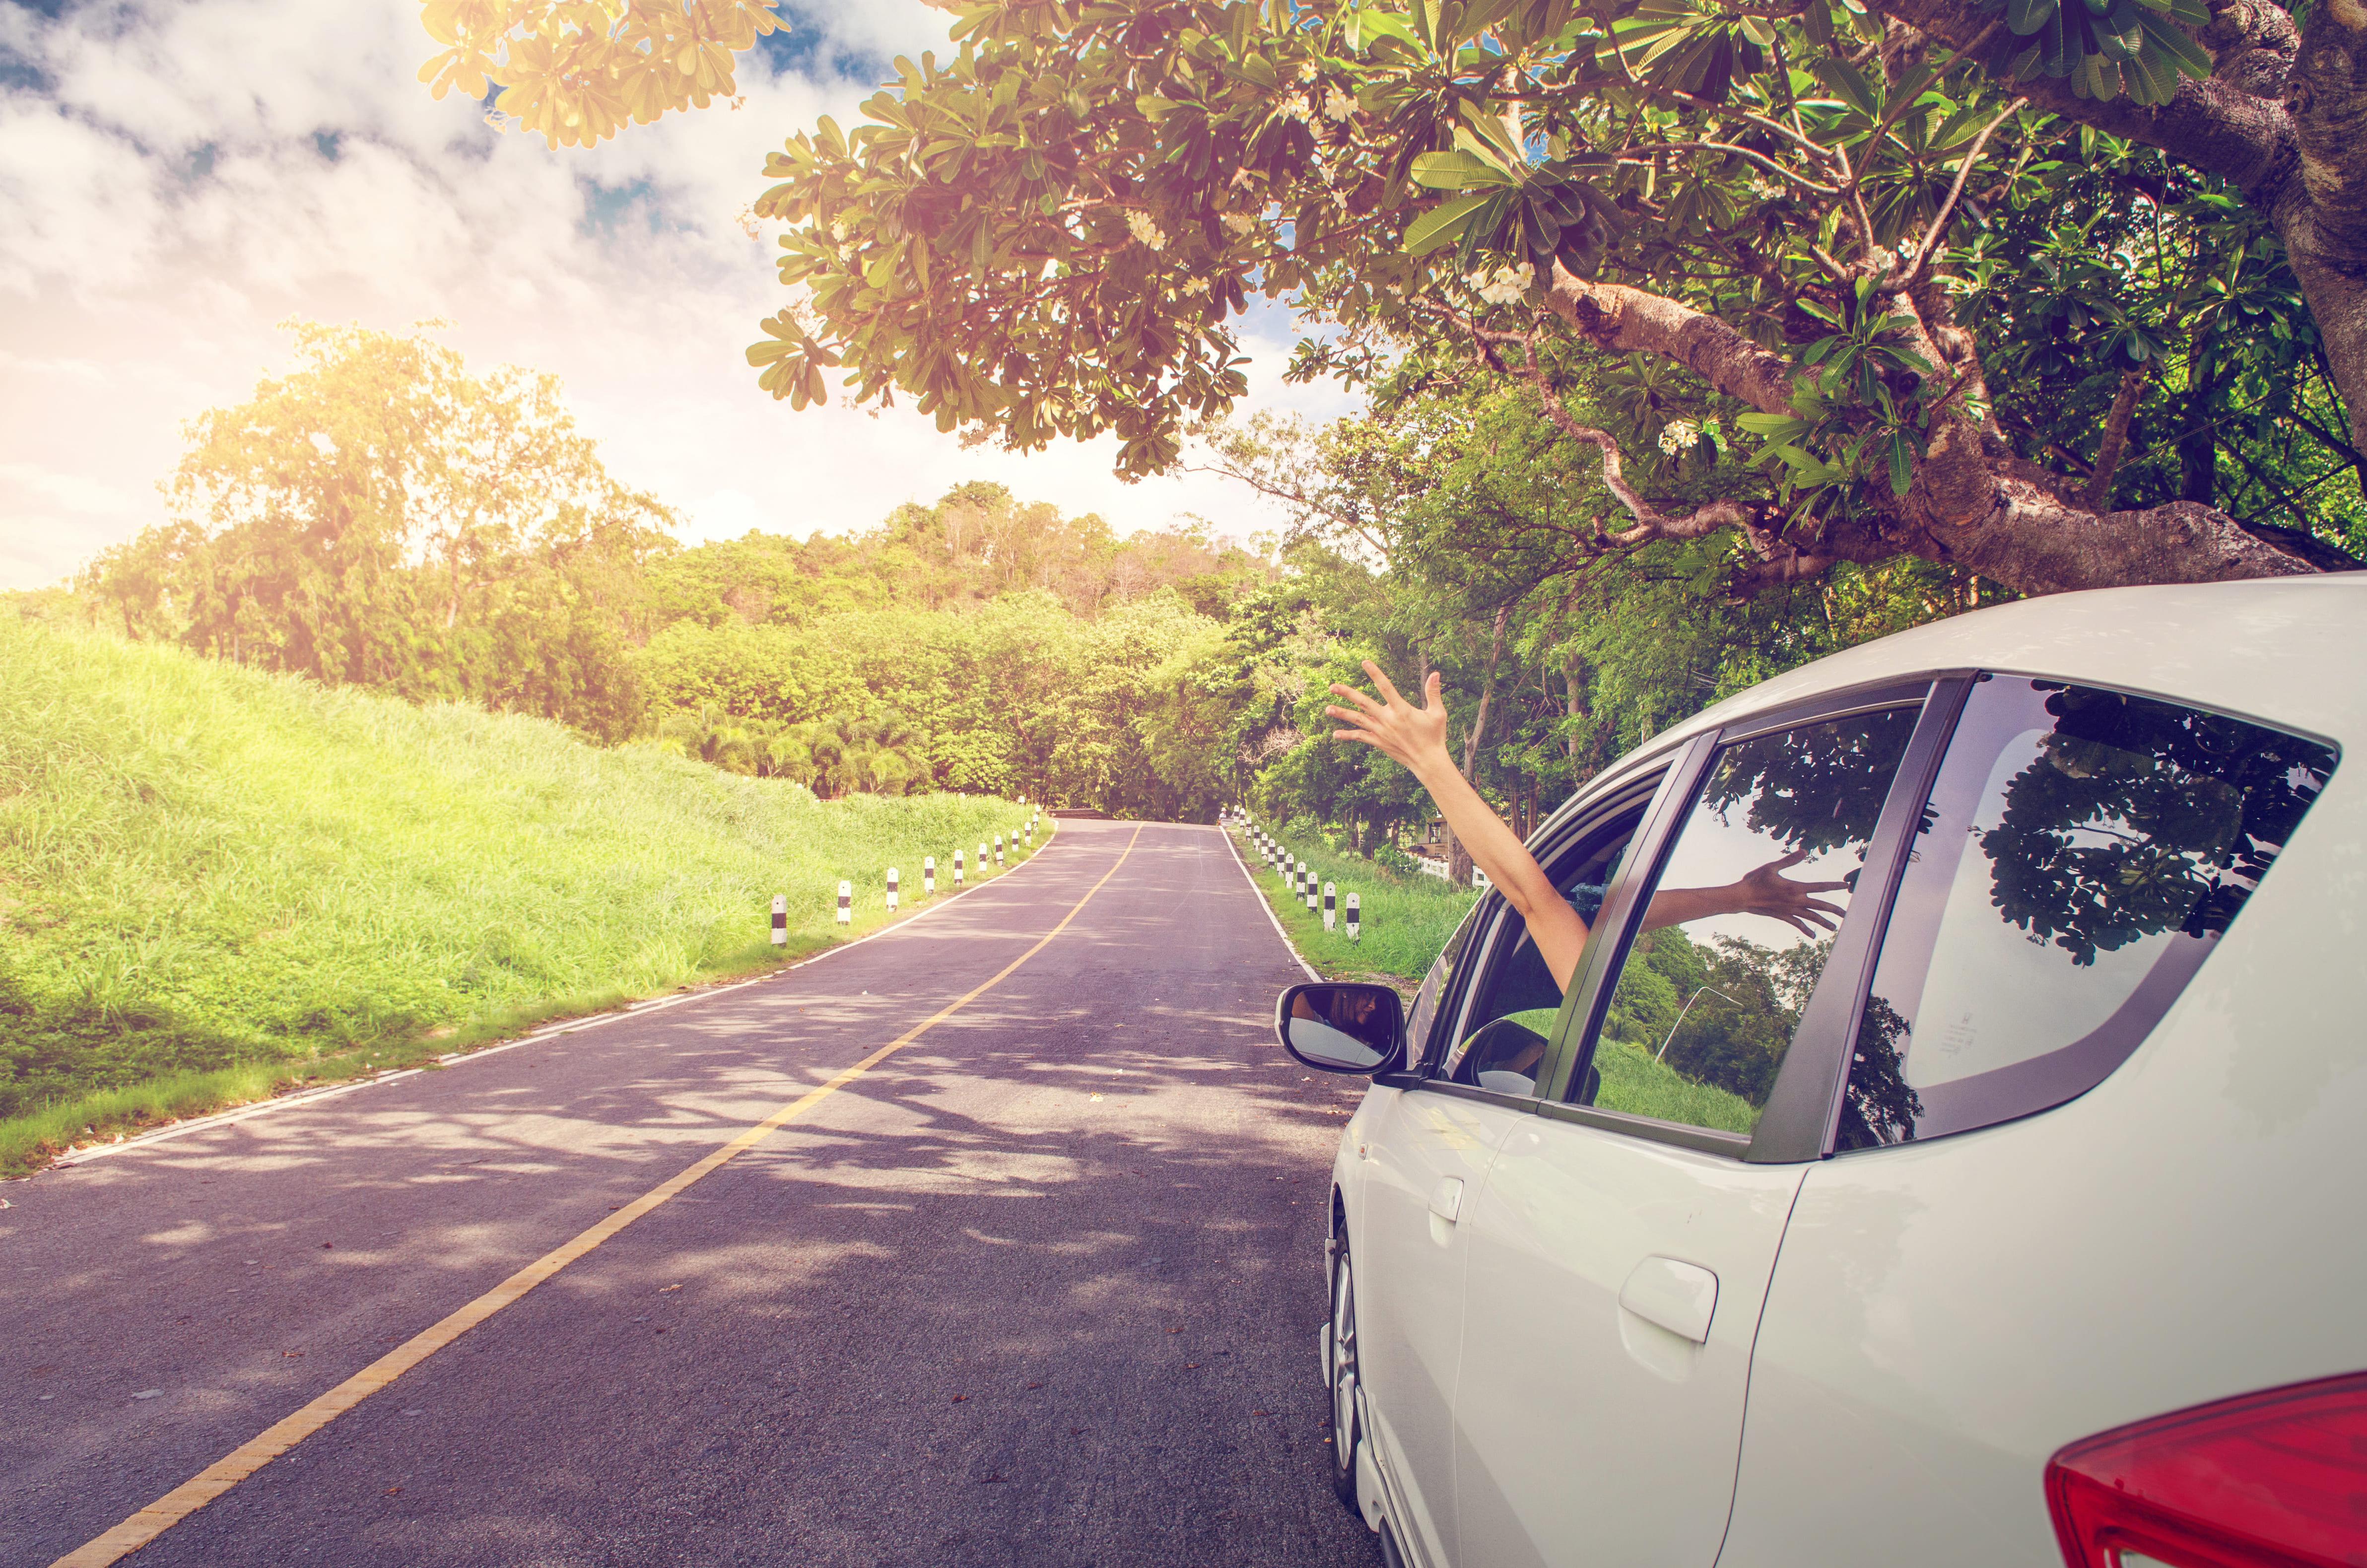 「スバル」の中古車を自社ローンで購入した方の車両価格相場と口コミ(体験談)